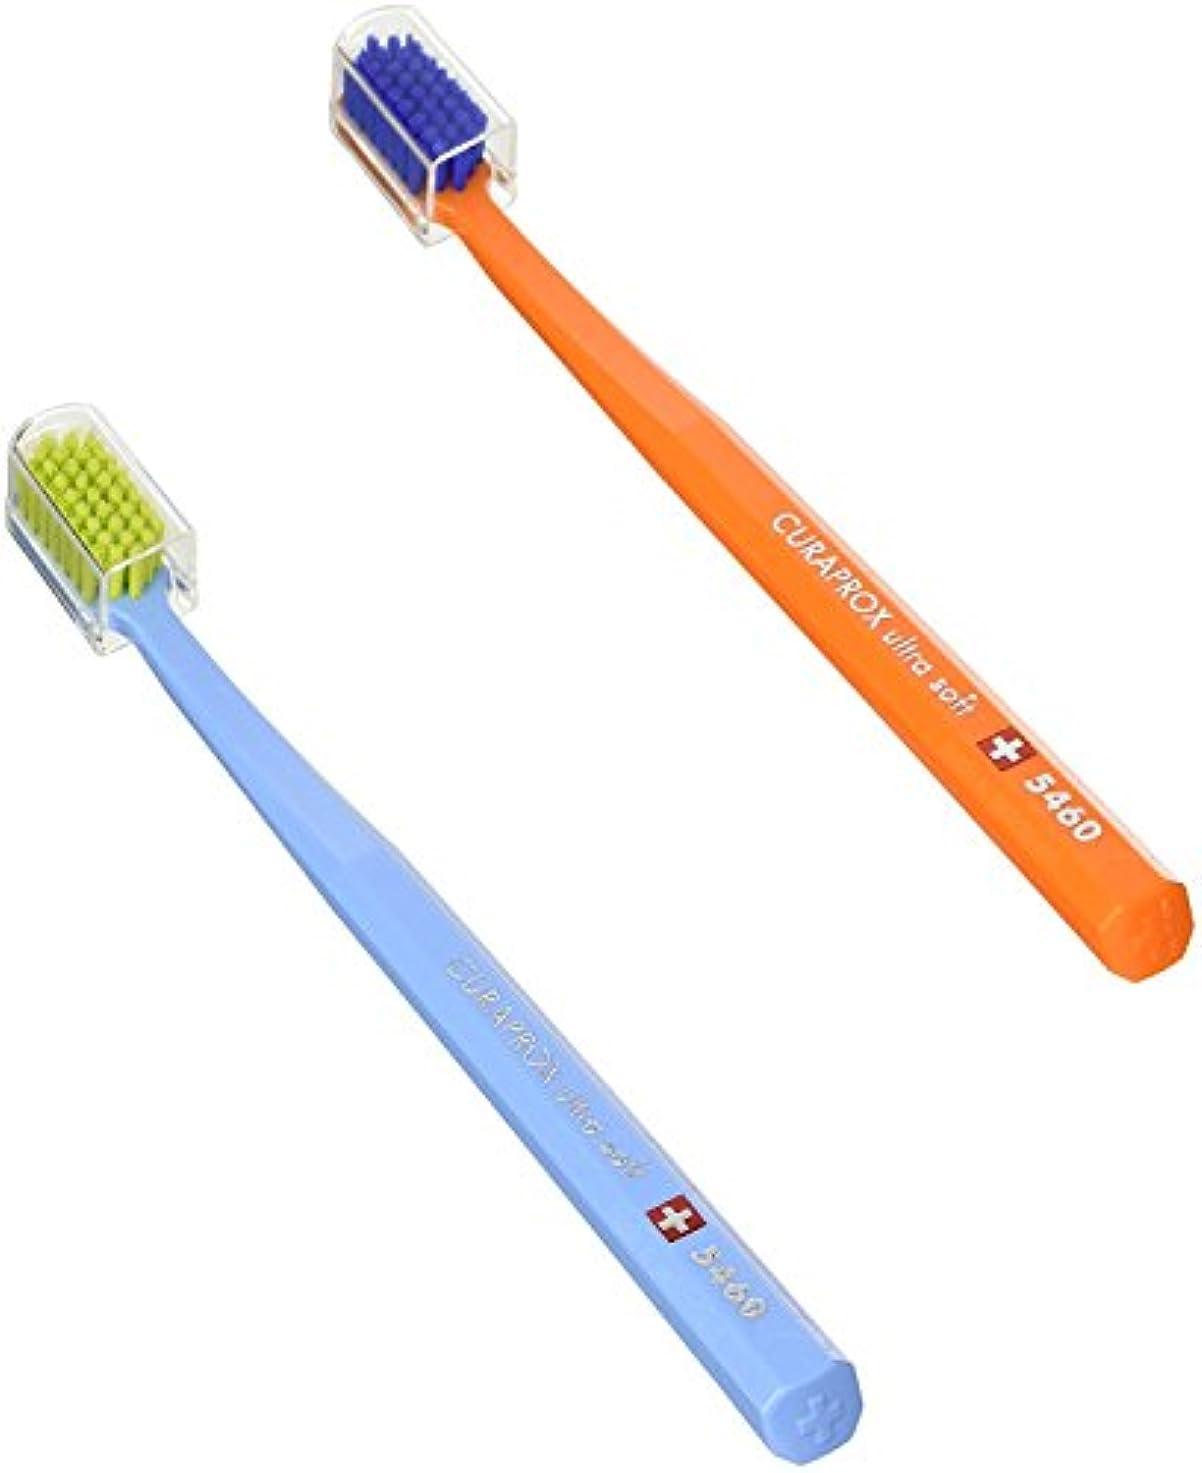 カップルである重要性キュラプロックス 5460ウルトラソフト歯ブラシ 2本